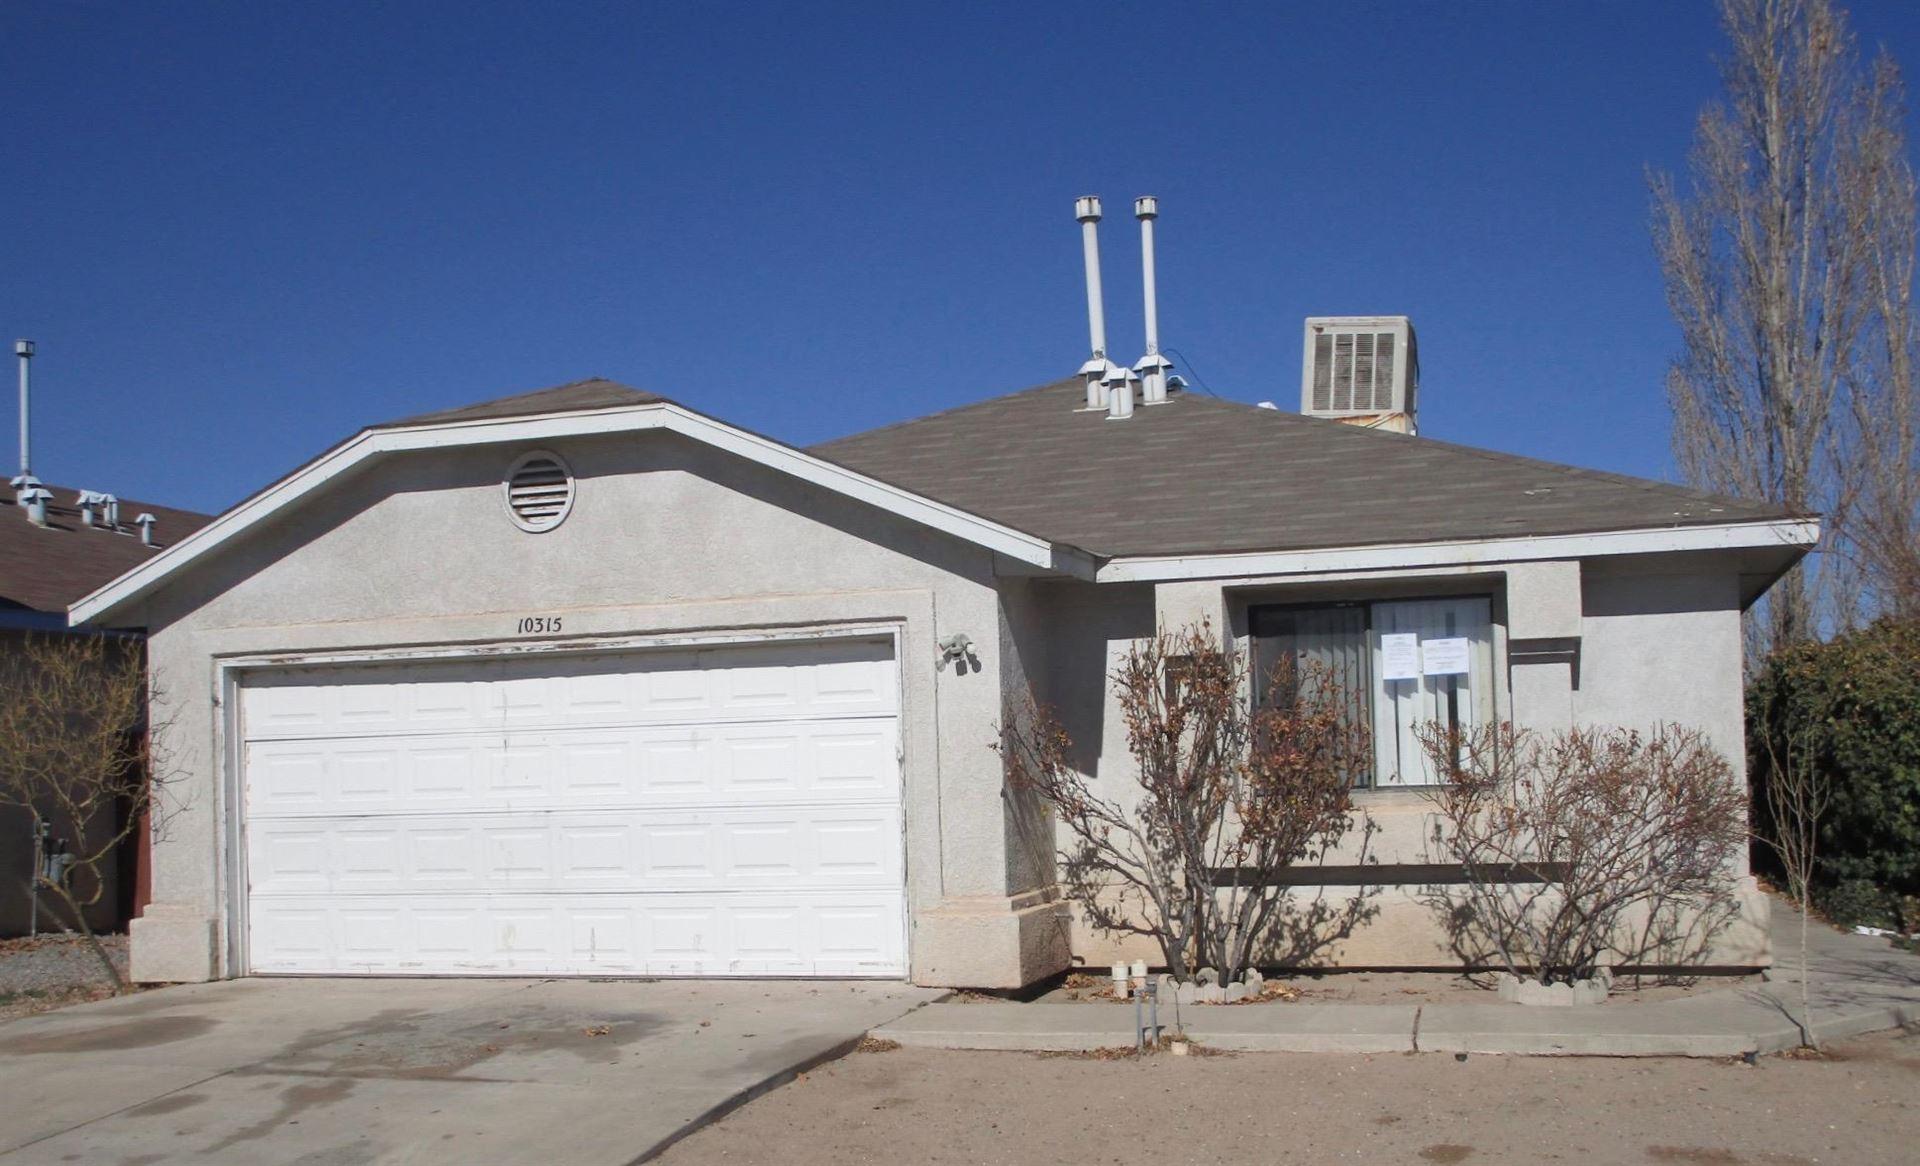 10315 JOHNCOCK Avenue SW, Albuquerque, NM 87121 - MLS#: 985660